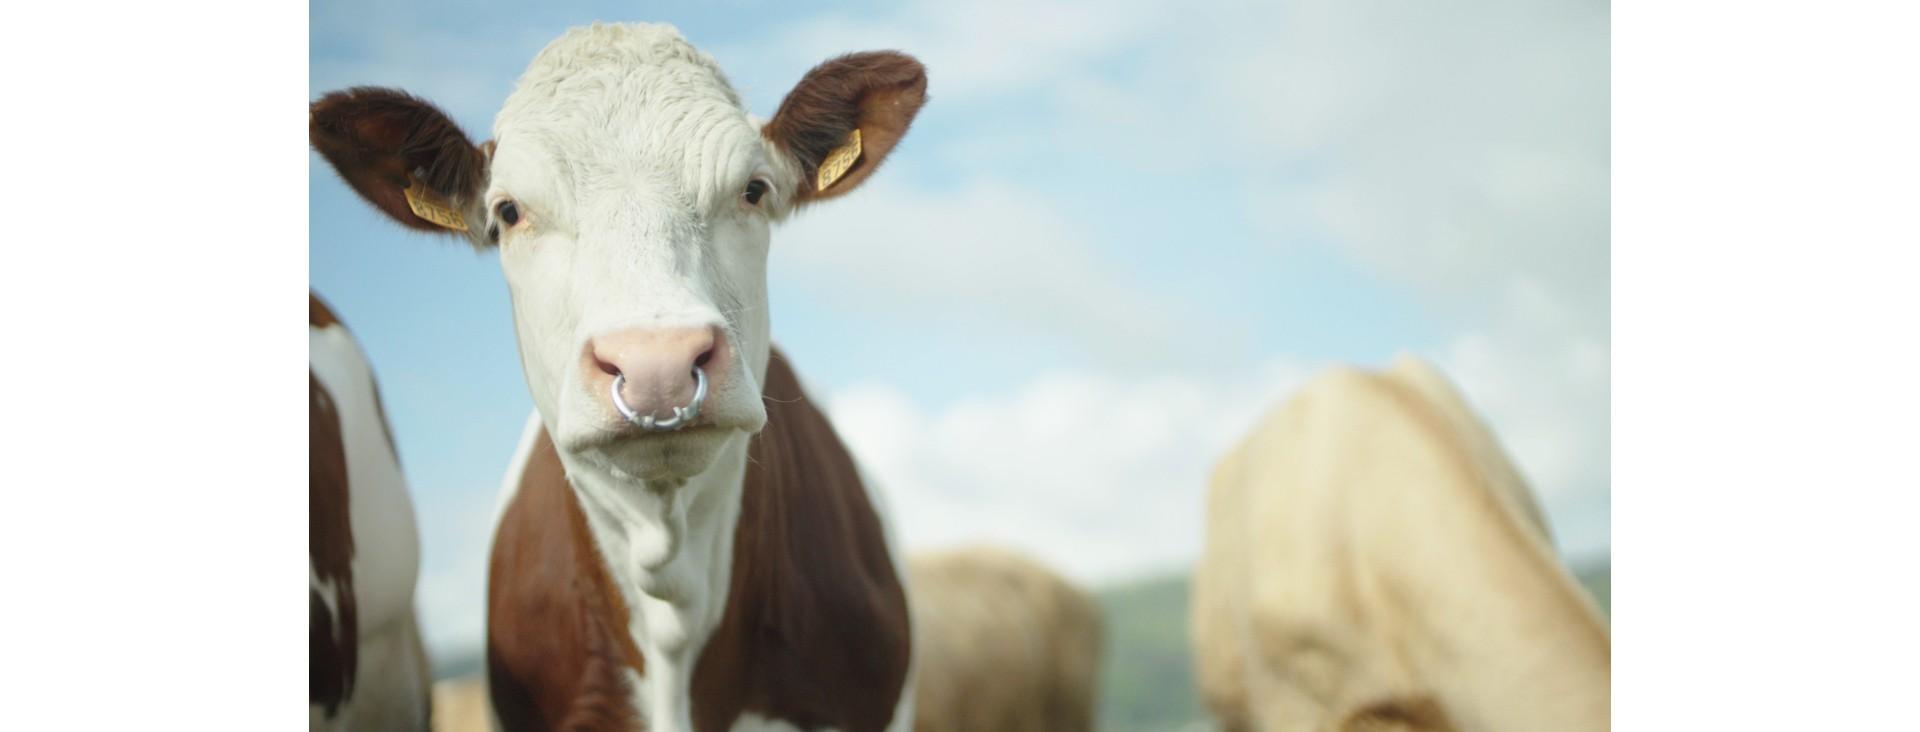 Lait, fromage et produits laitiers à base de lait de vache